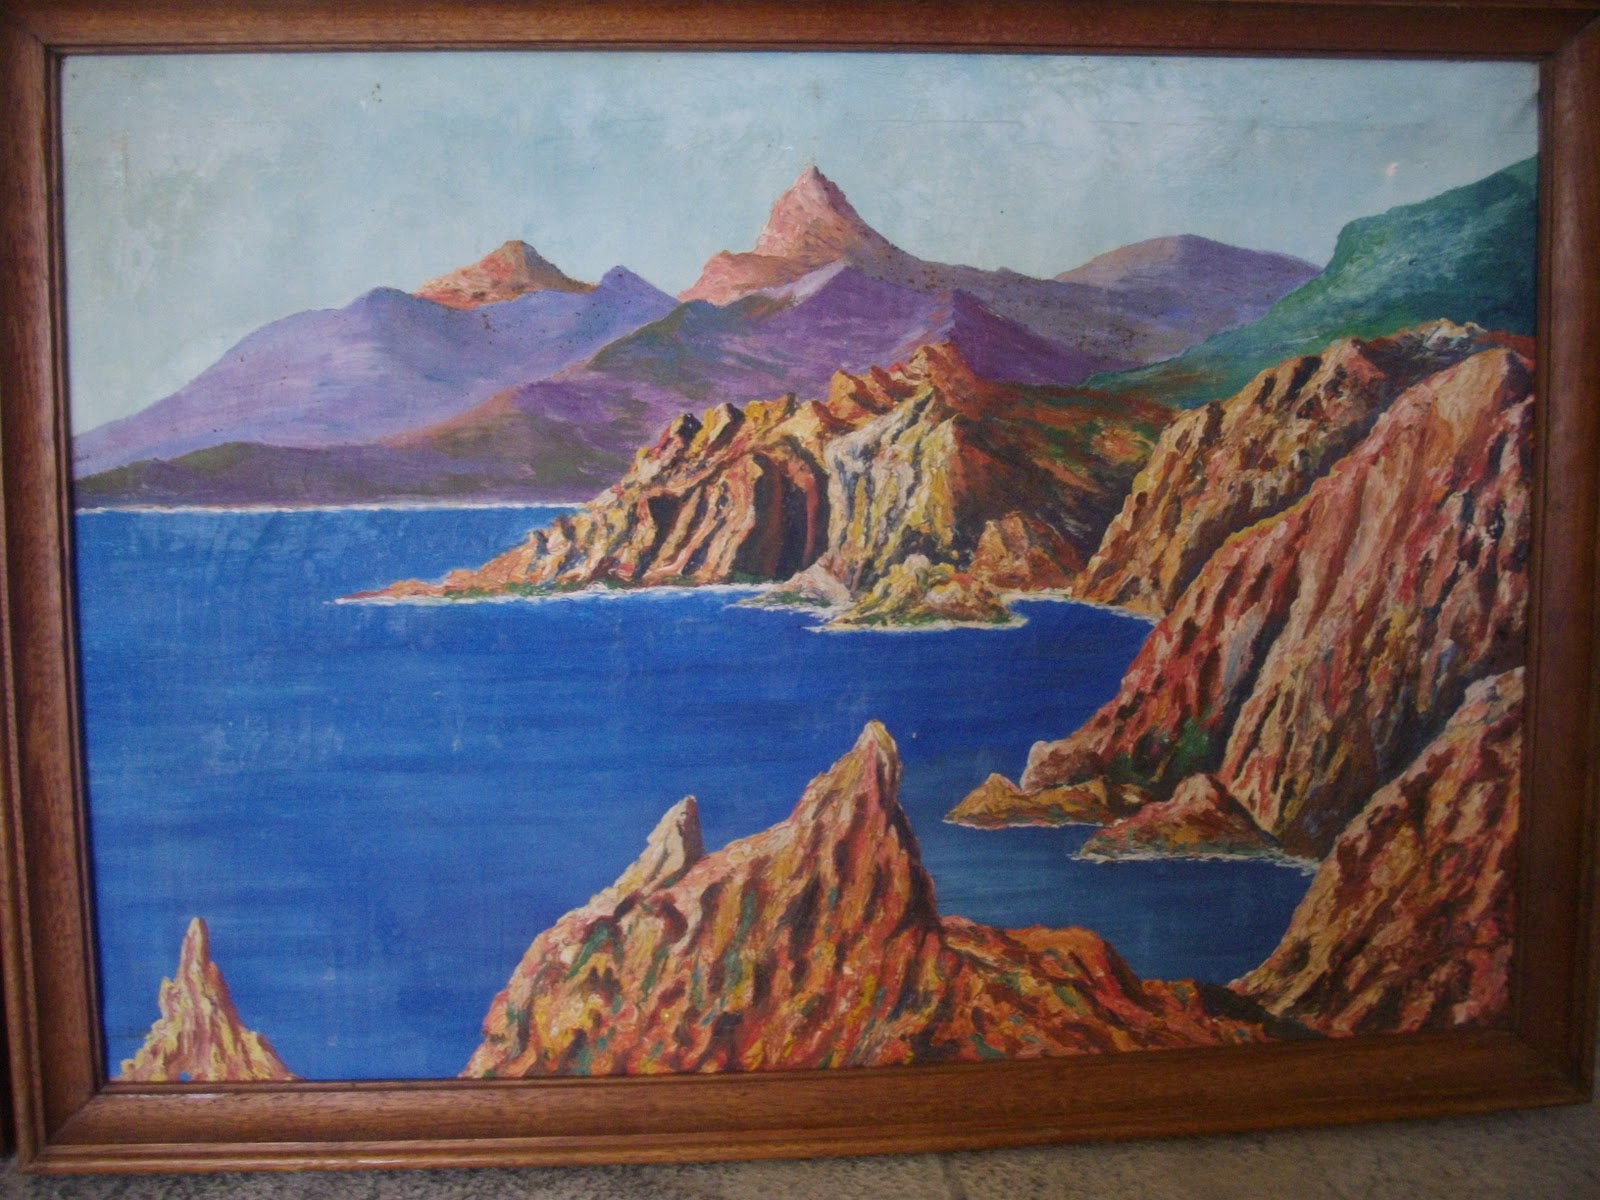 ancienne paire de tableaux marine bord de mer cote d 39 azur sign signature a identifier i. Black Bedroom Furniture Sets. Home Design Ideas